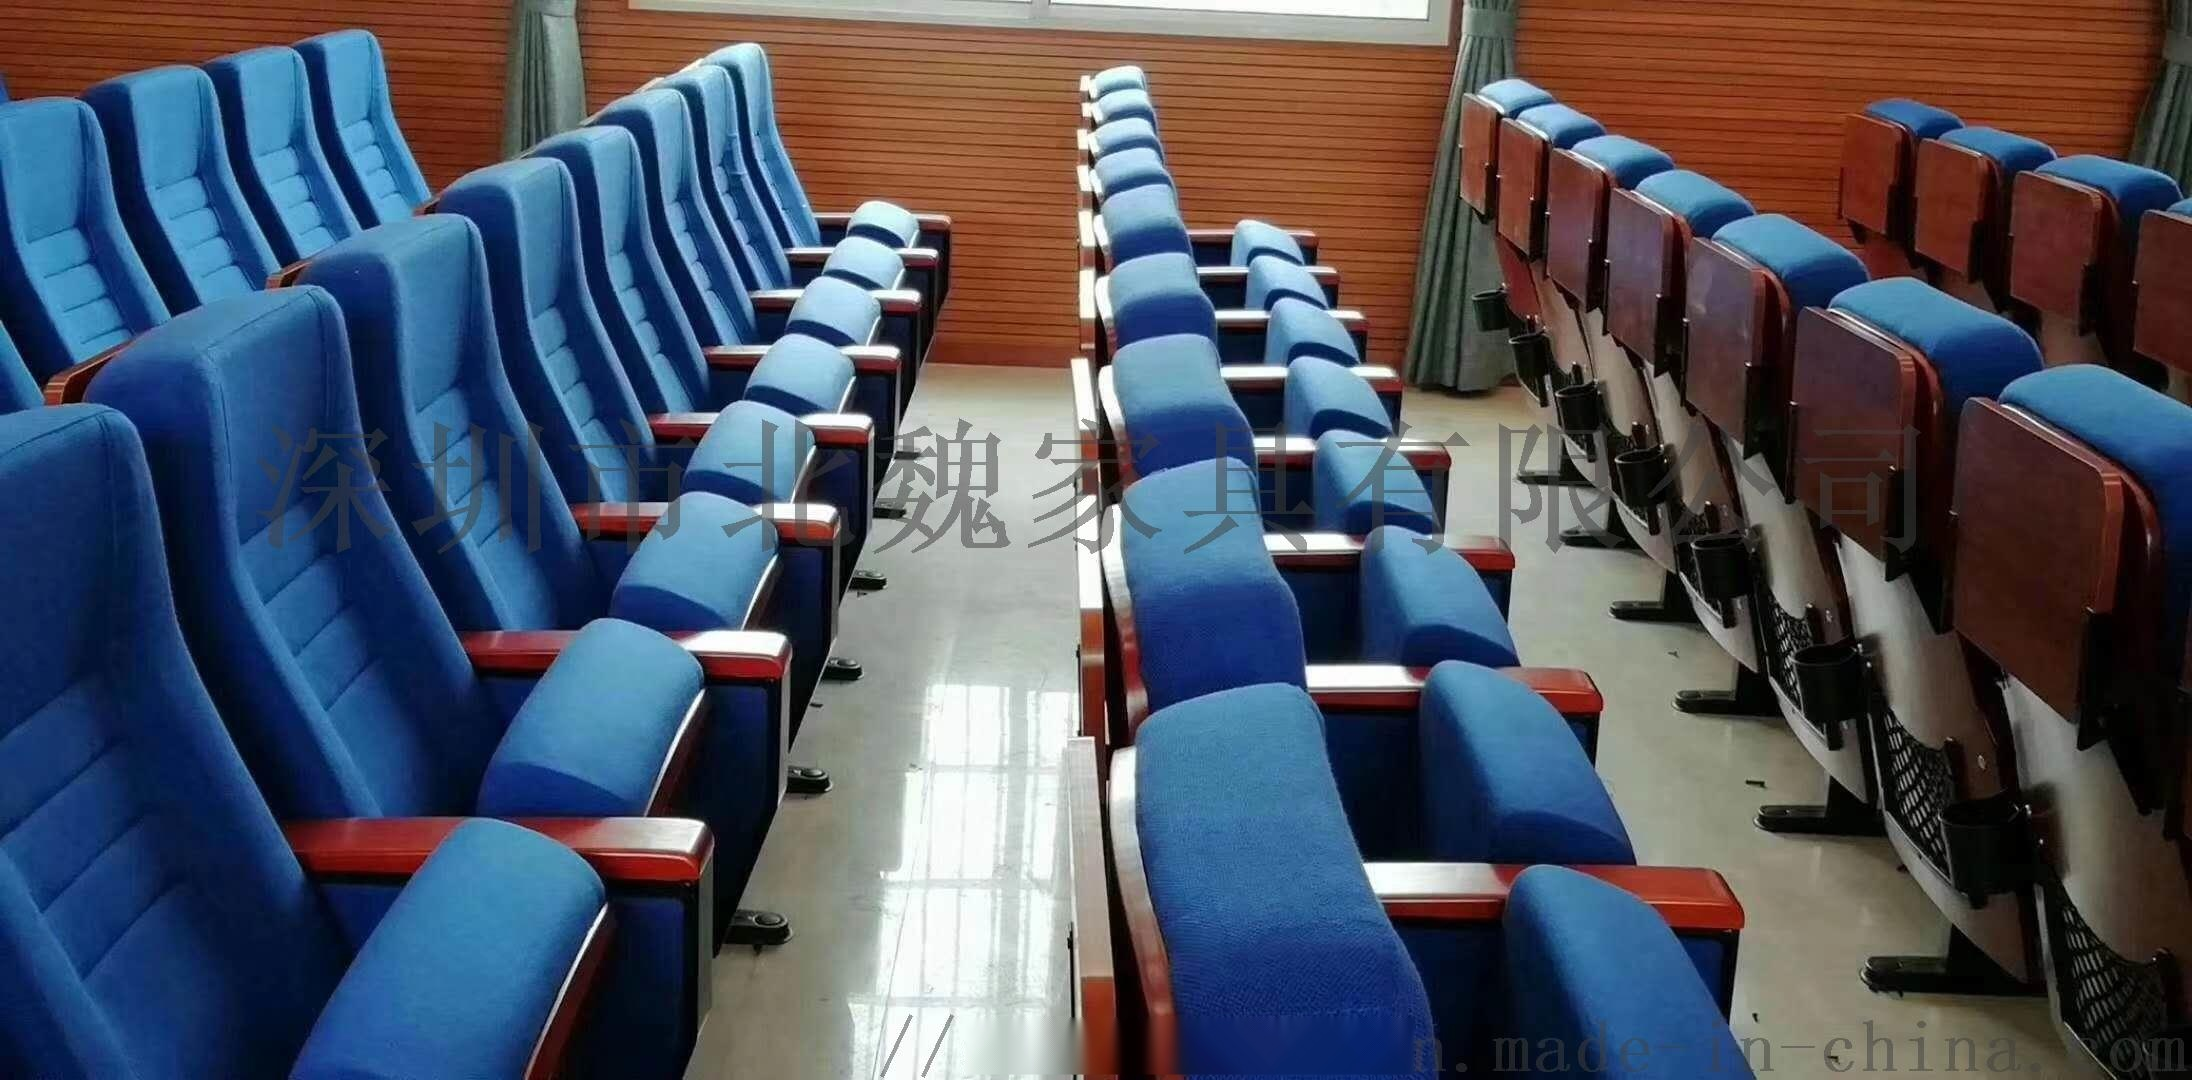 礼堂椅中心距-礼堂椅规格-学校礼堂椅136526585